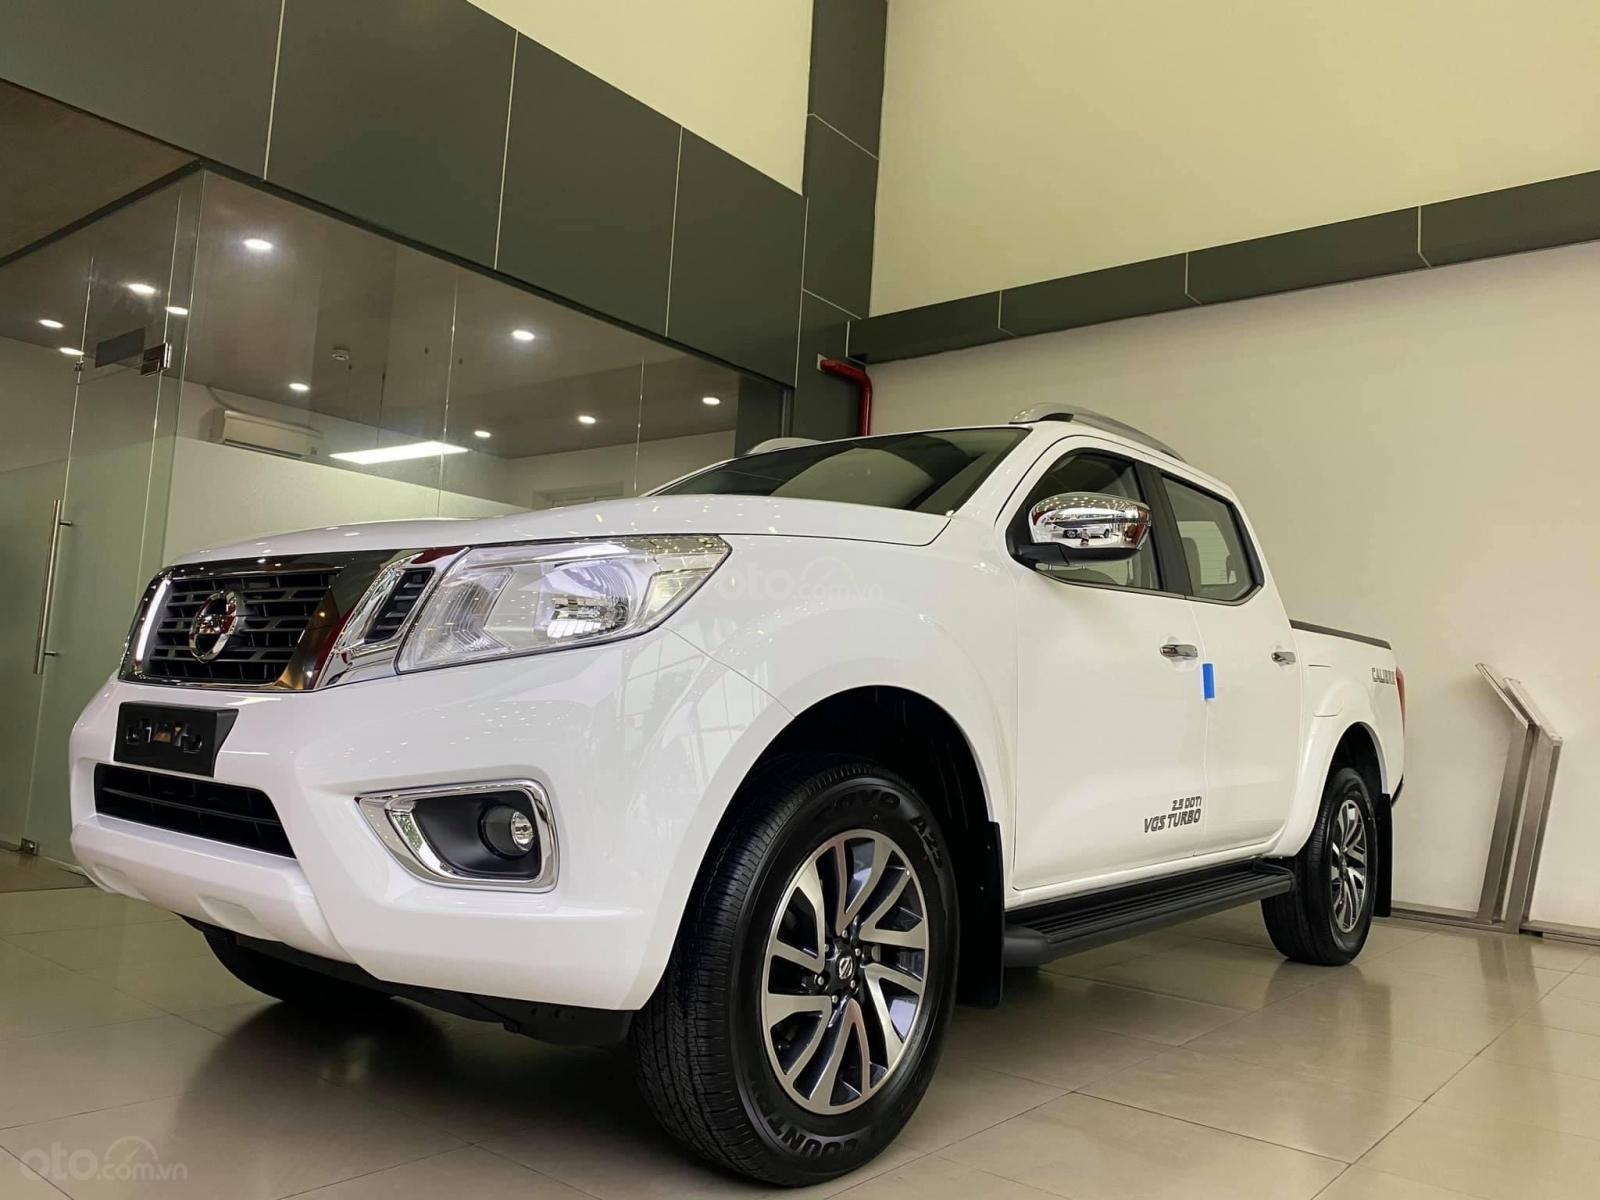 Nissan Navara El A-IVI 2020 đủ màu - Hỗ trợ vay ngân hàng 80% 200tr mang xe về (1)